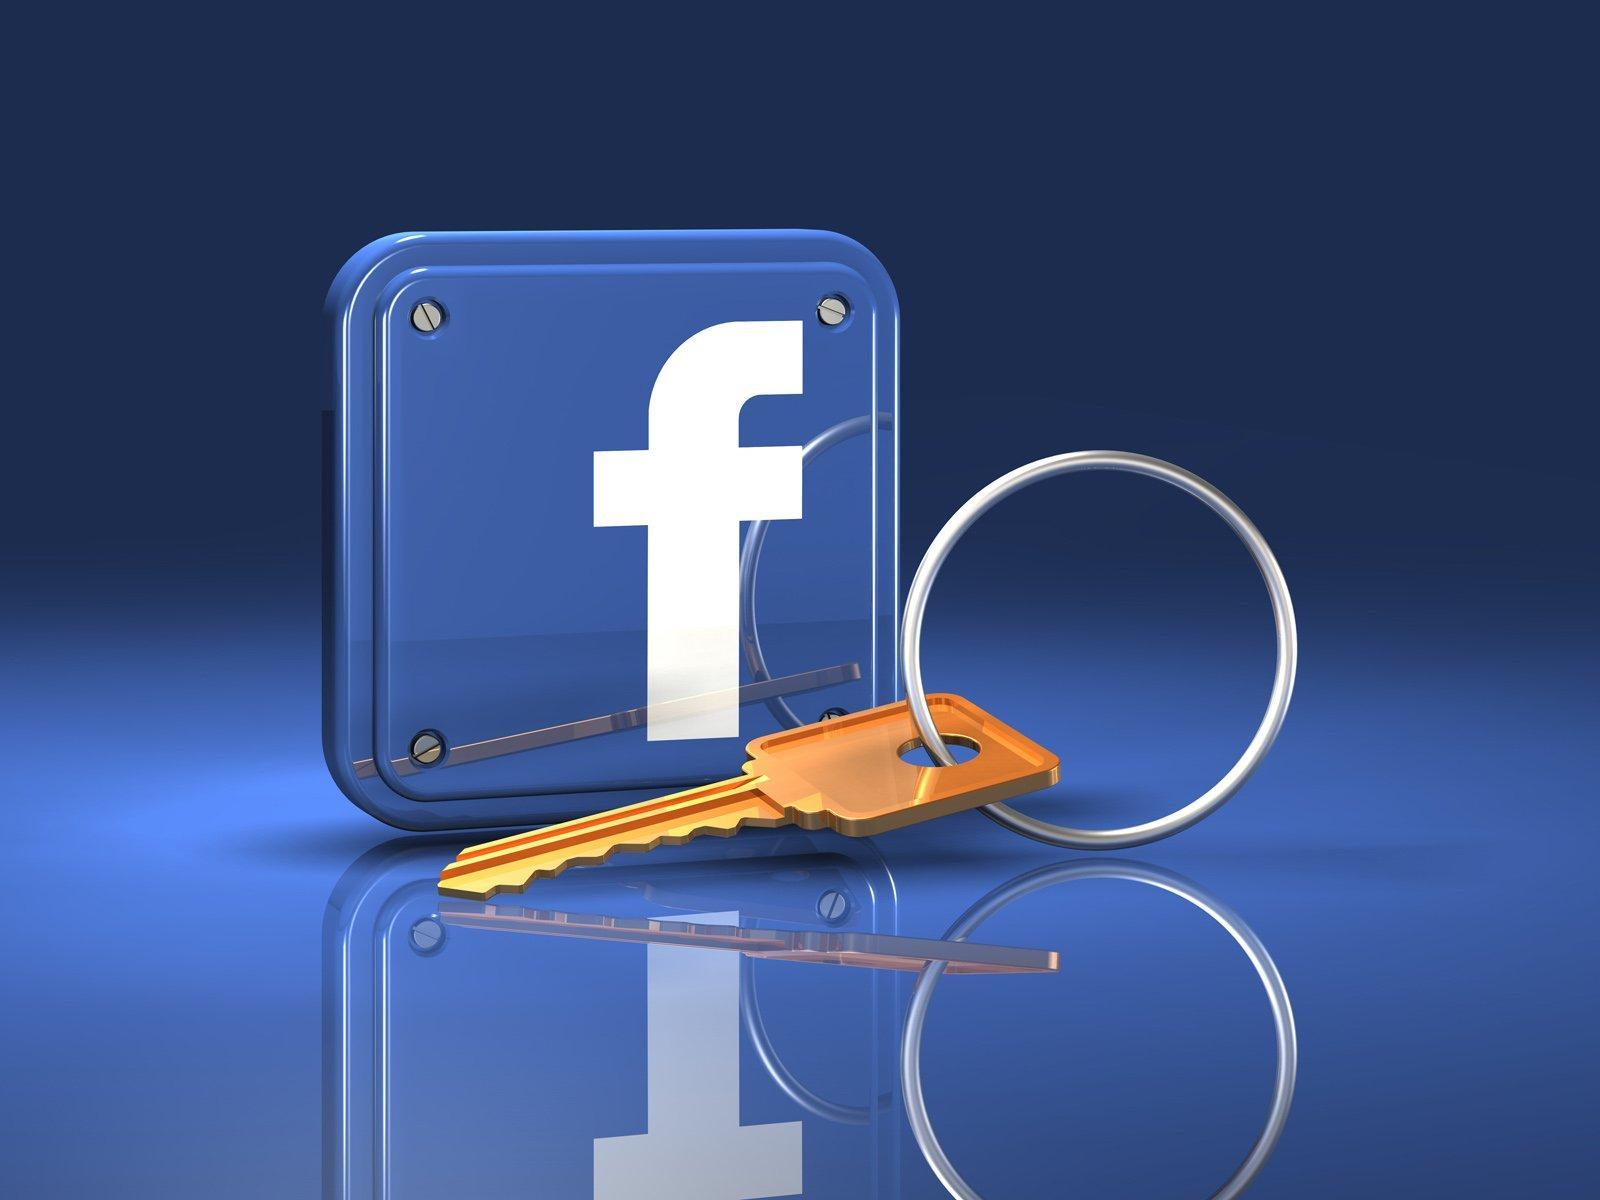 Bug nei messaggi privati: se Facebook va a lezione di privacy dagli utenti